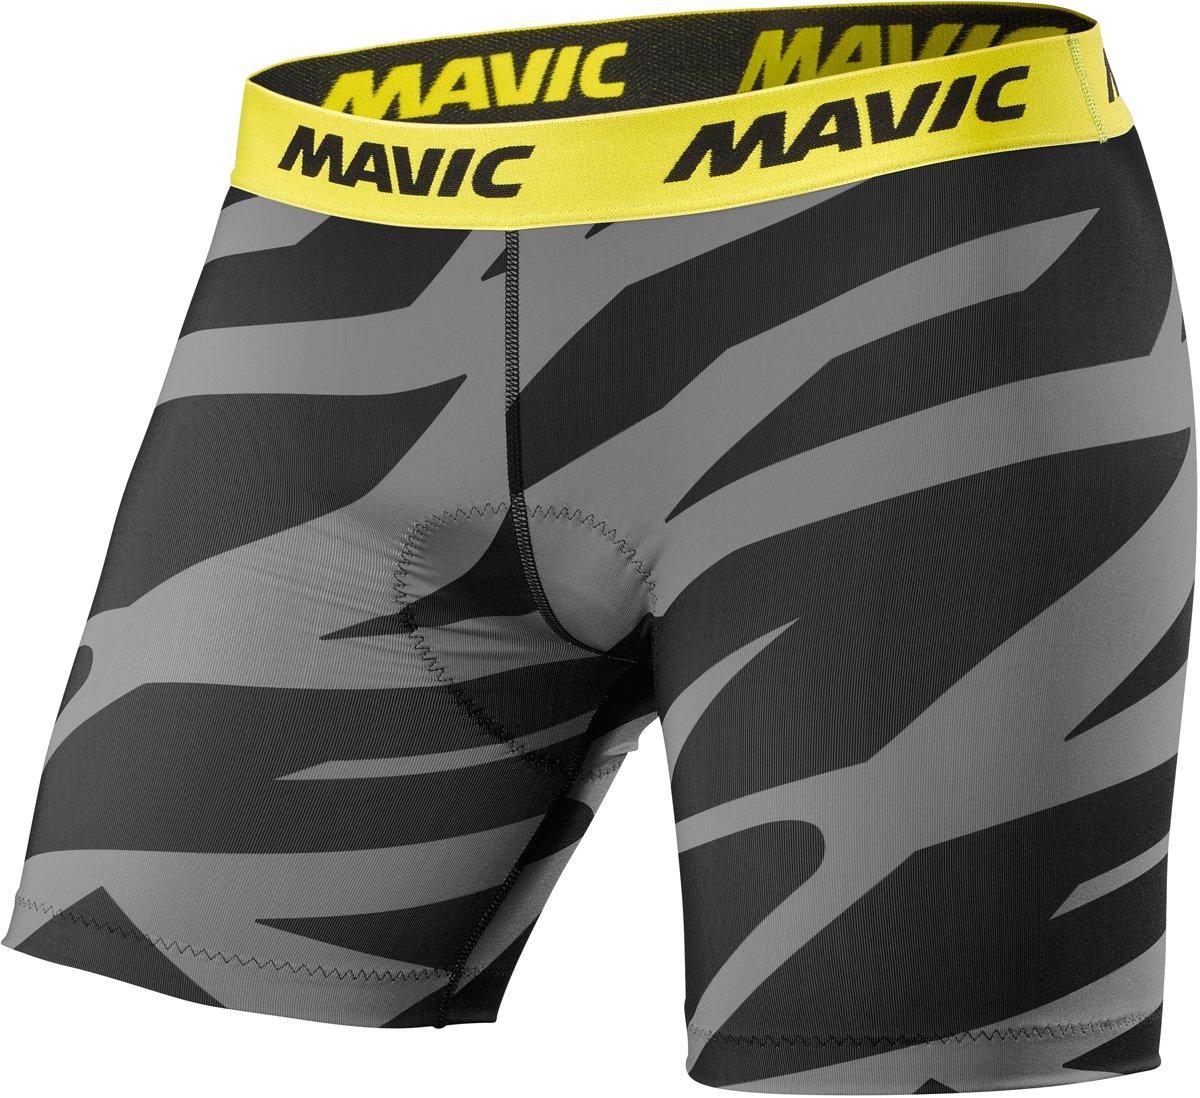 Mavic Deemax Pro Fahrrad Innenhose kurz grau schwarz 2019